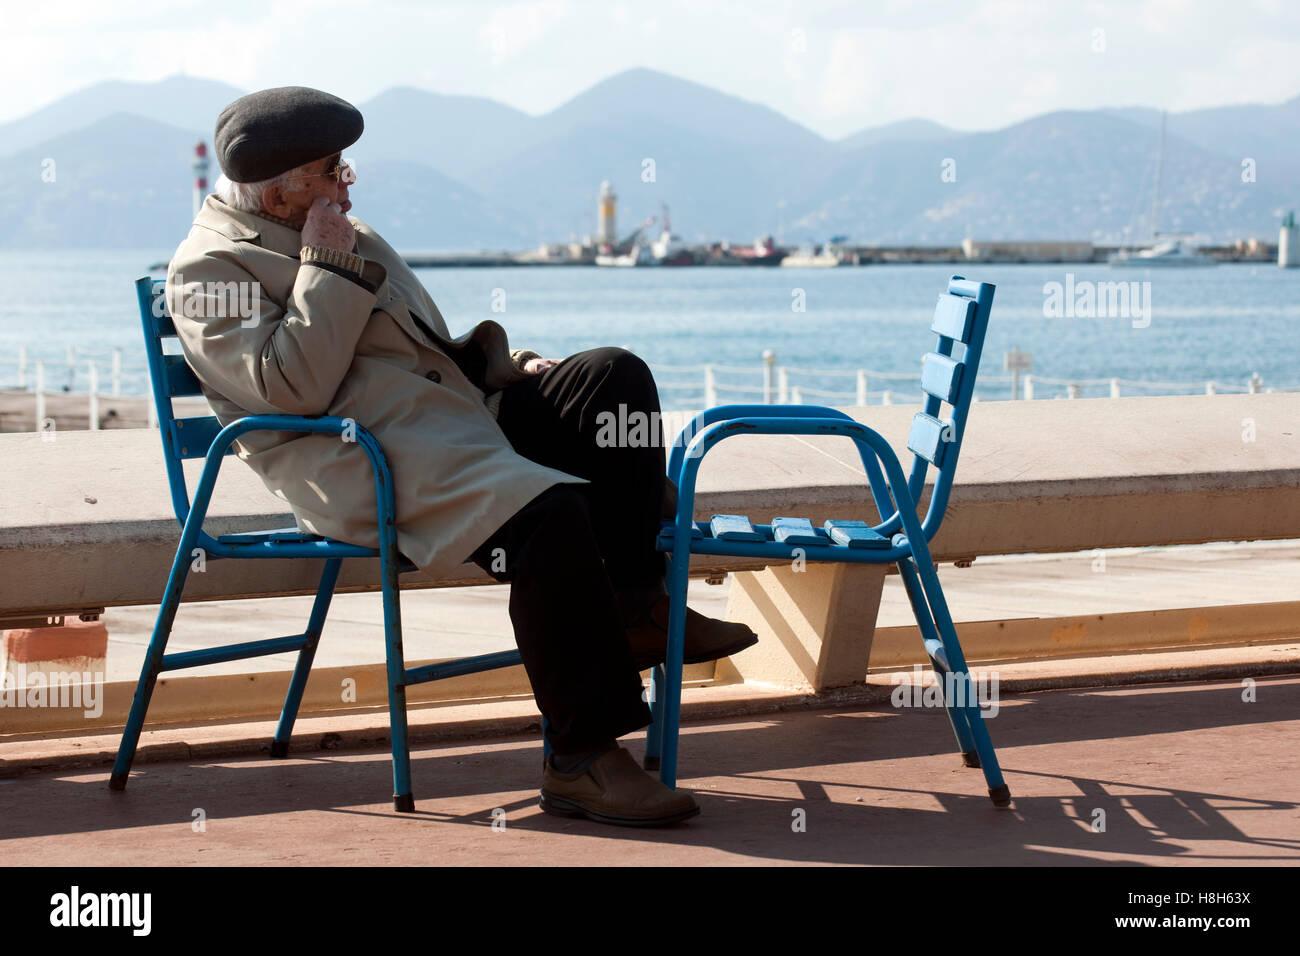 Frankreich, Cote d Azur, Cannes, Boulevard de la Croisette, elegante Flanierpromenade Stock Photo